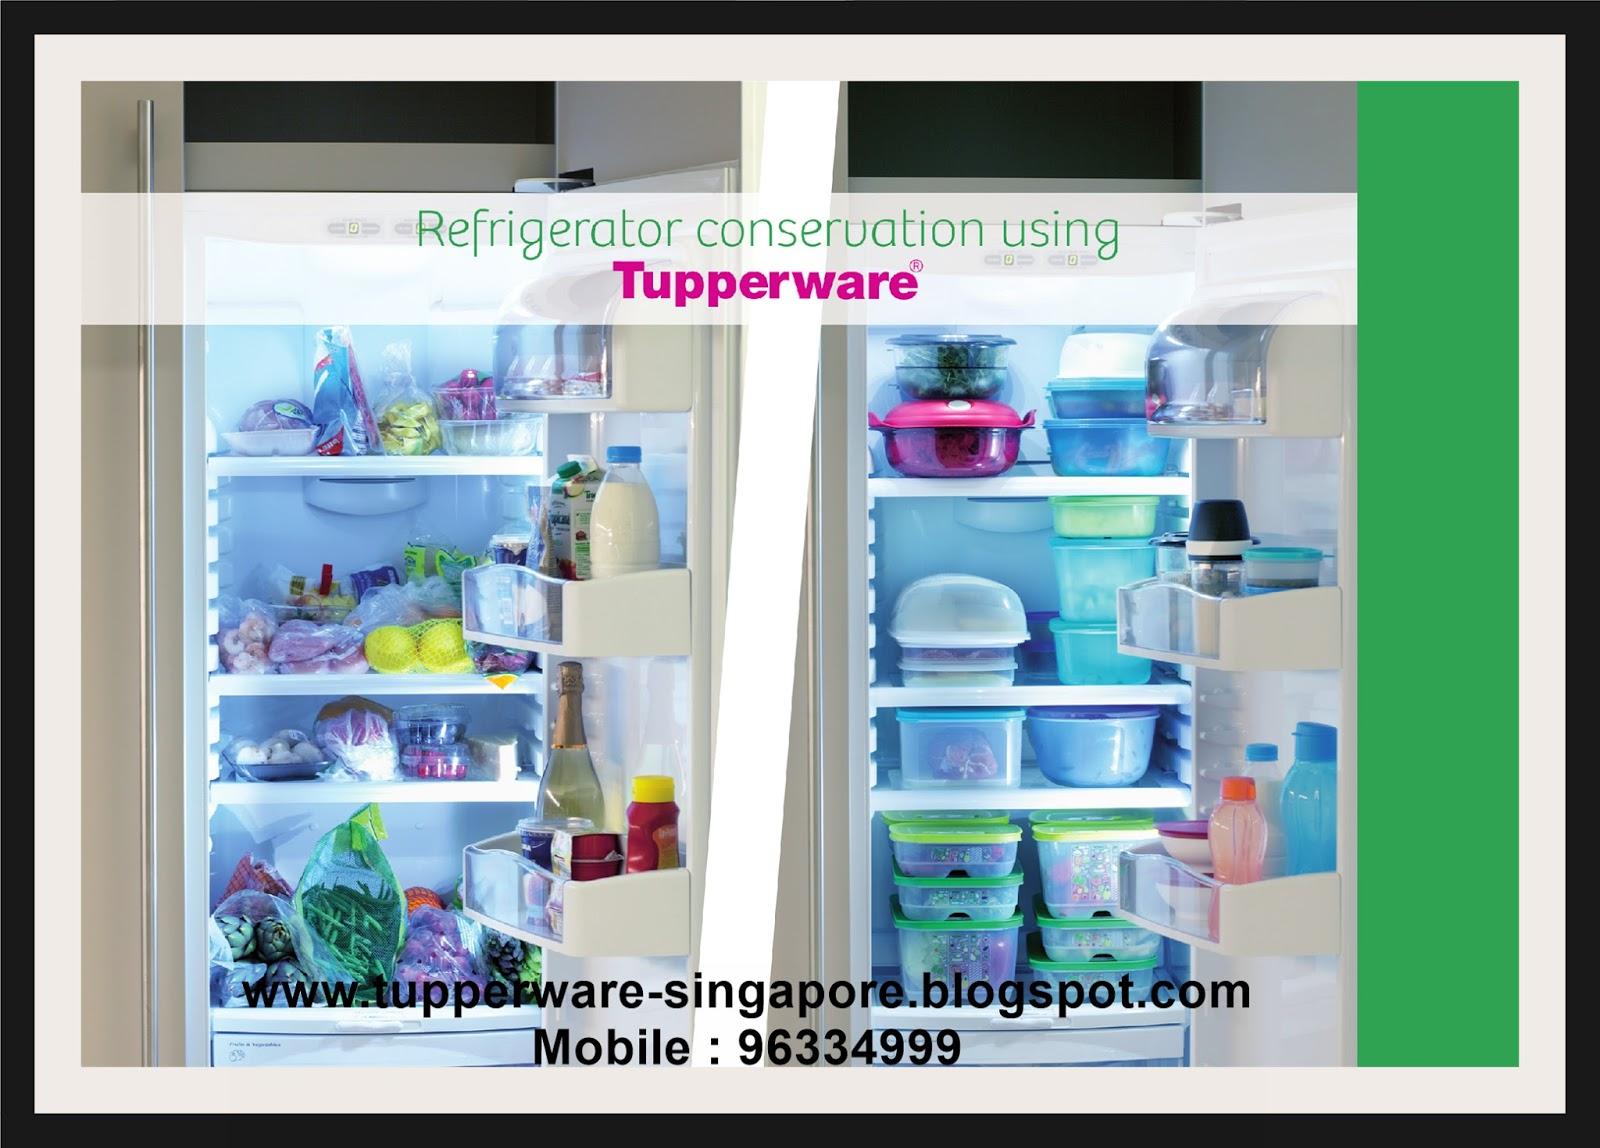 Buy Tupperware in Singapore: April 2016